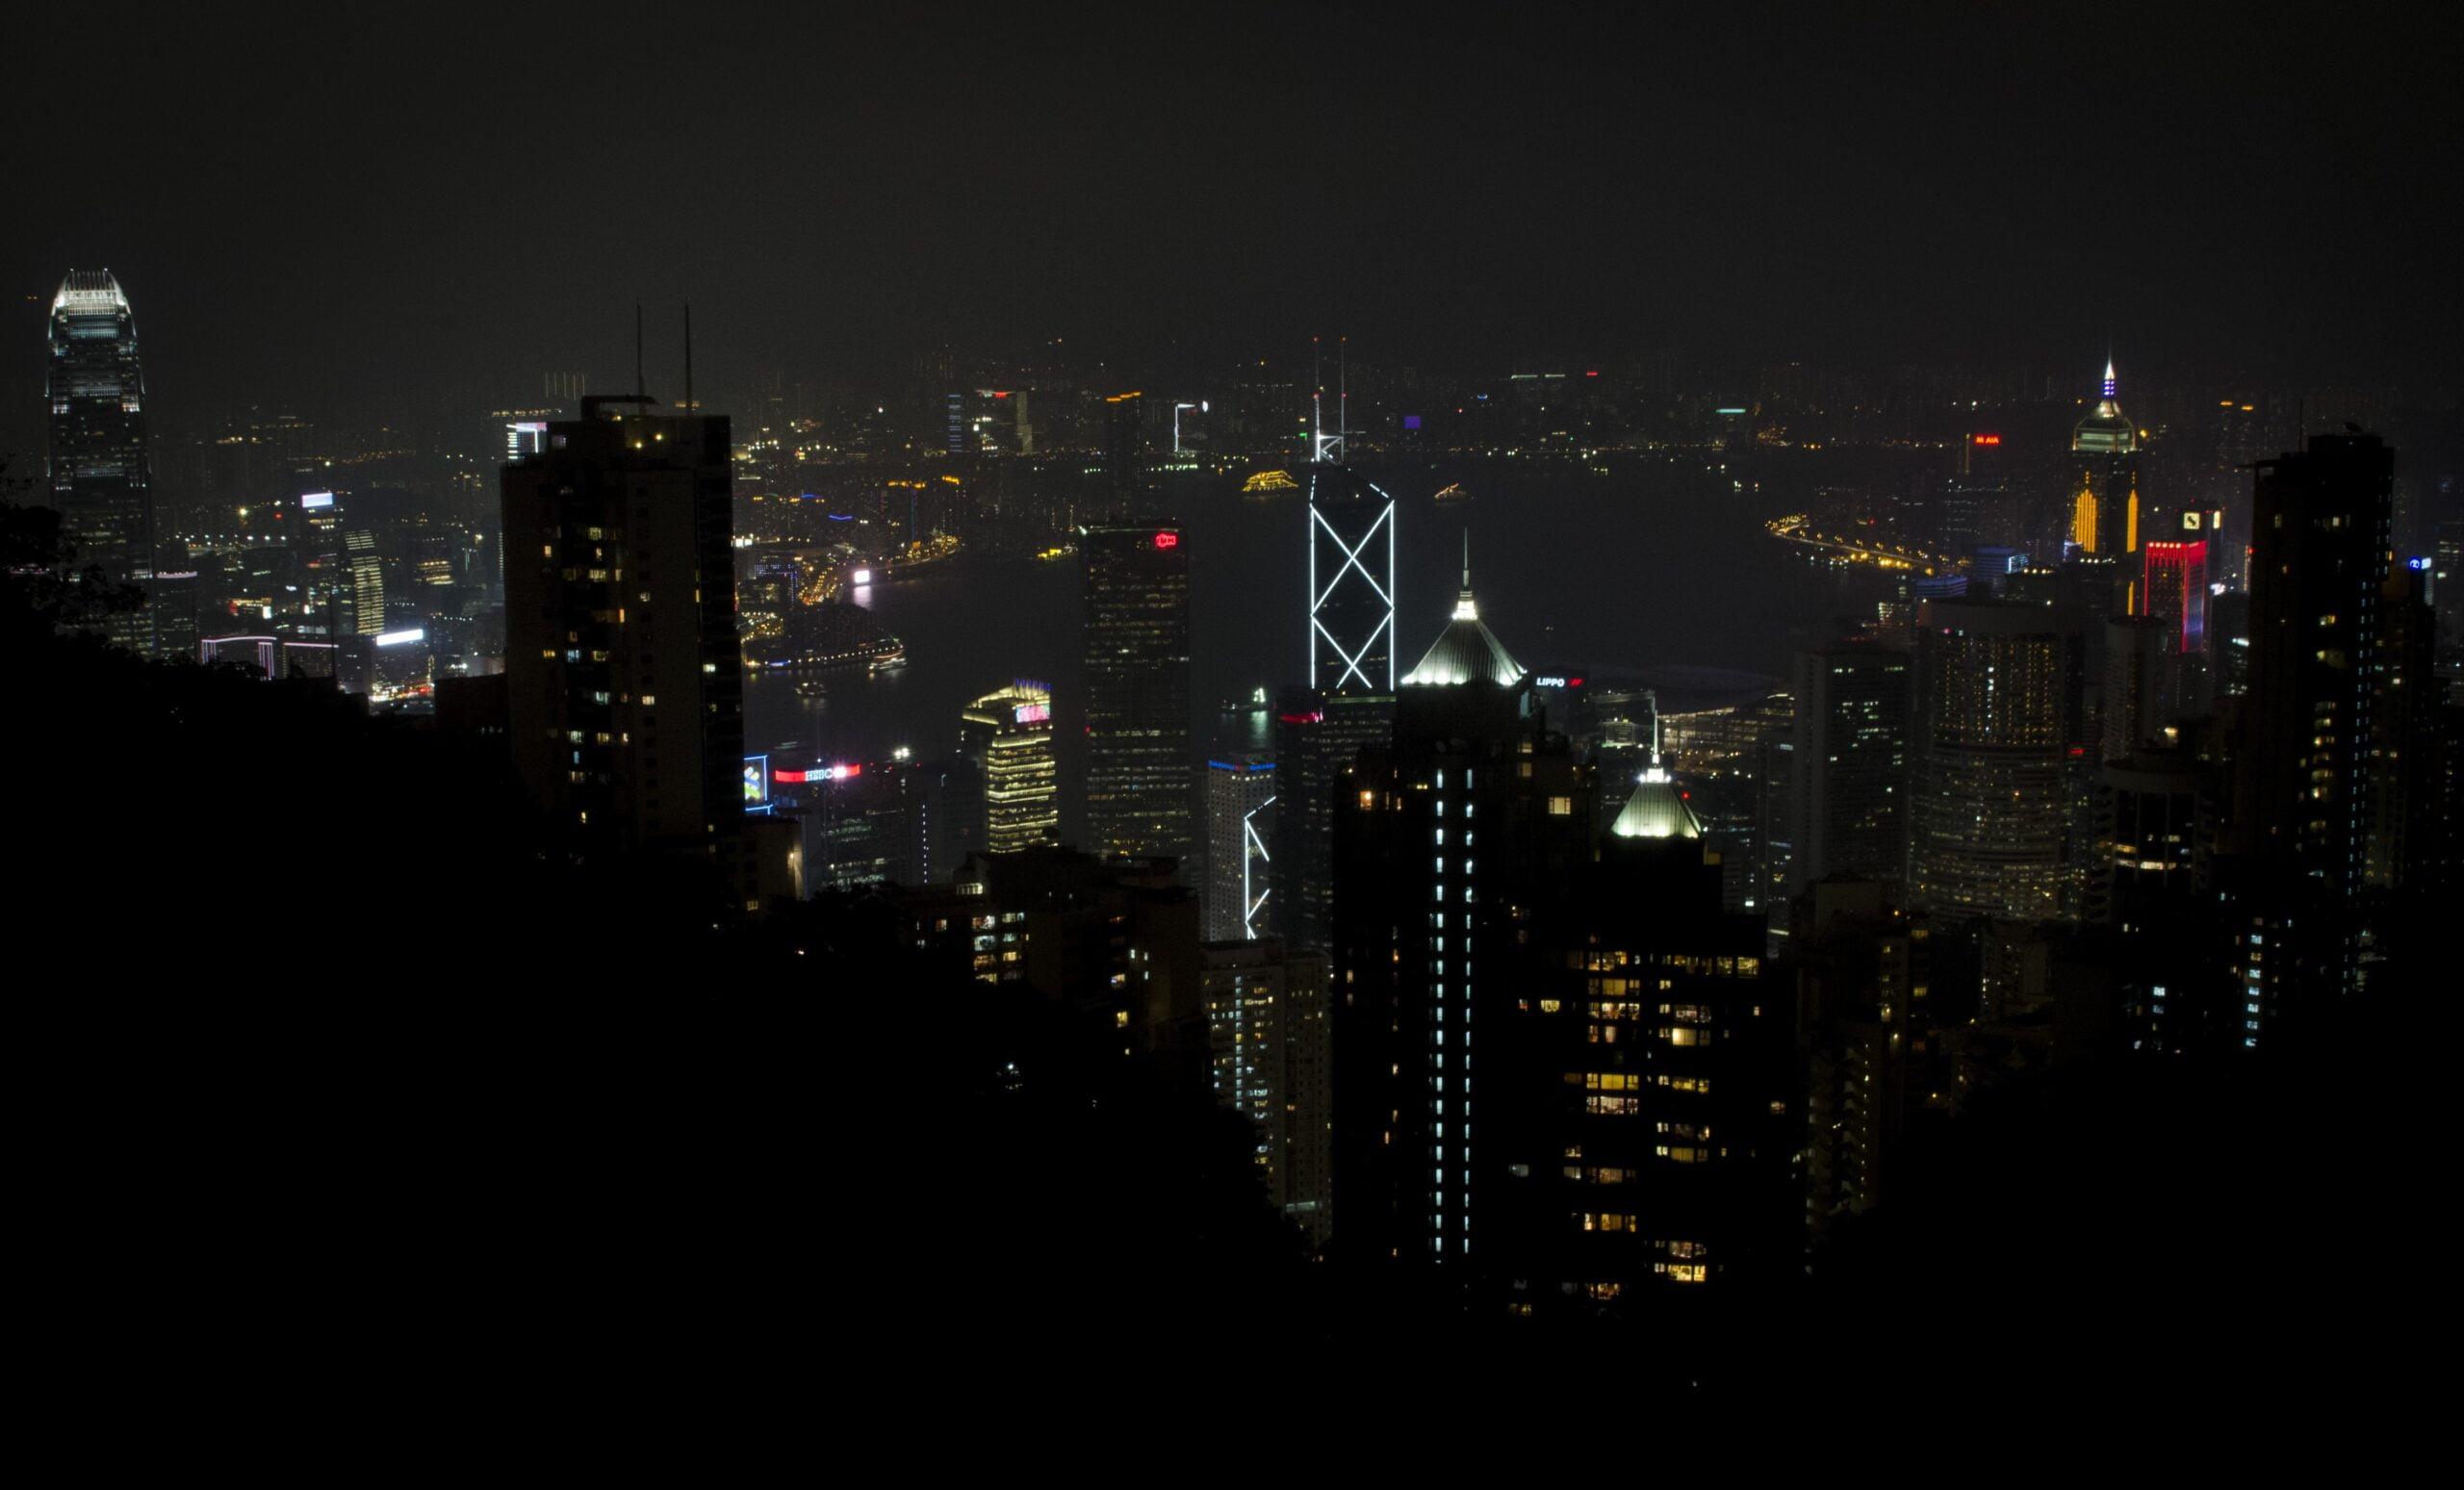 Hong Kong Travel Blog - Hong Kong Suckling Pig: Hong Kong at Night